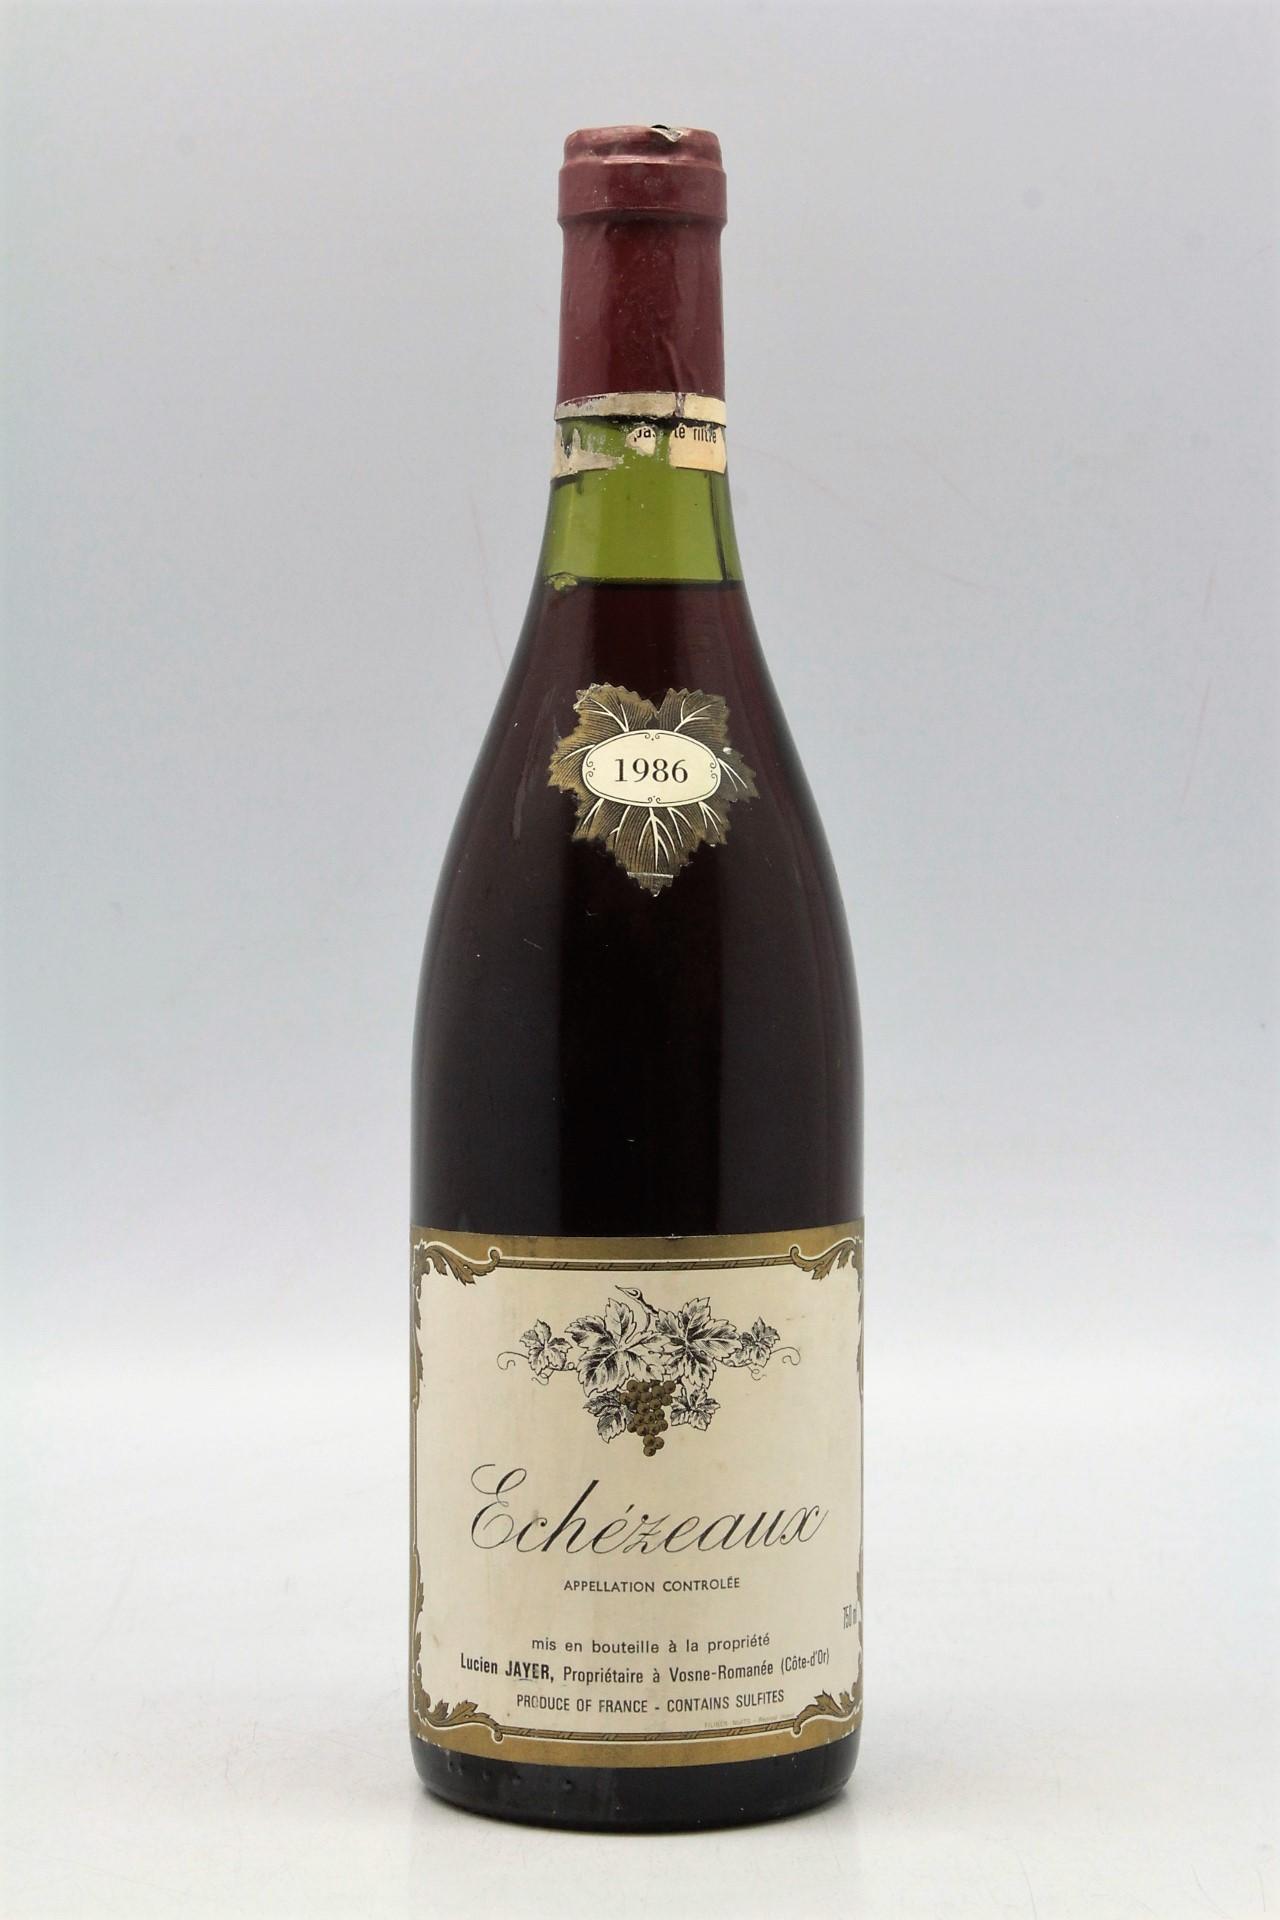 Le Jardin Des Provinces Pessac Charmant Lucien Jayer Echezeaux 1986 Vins & Millesimes